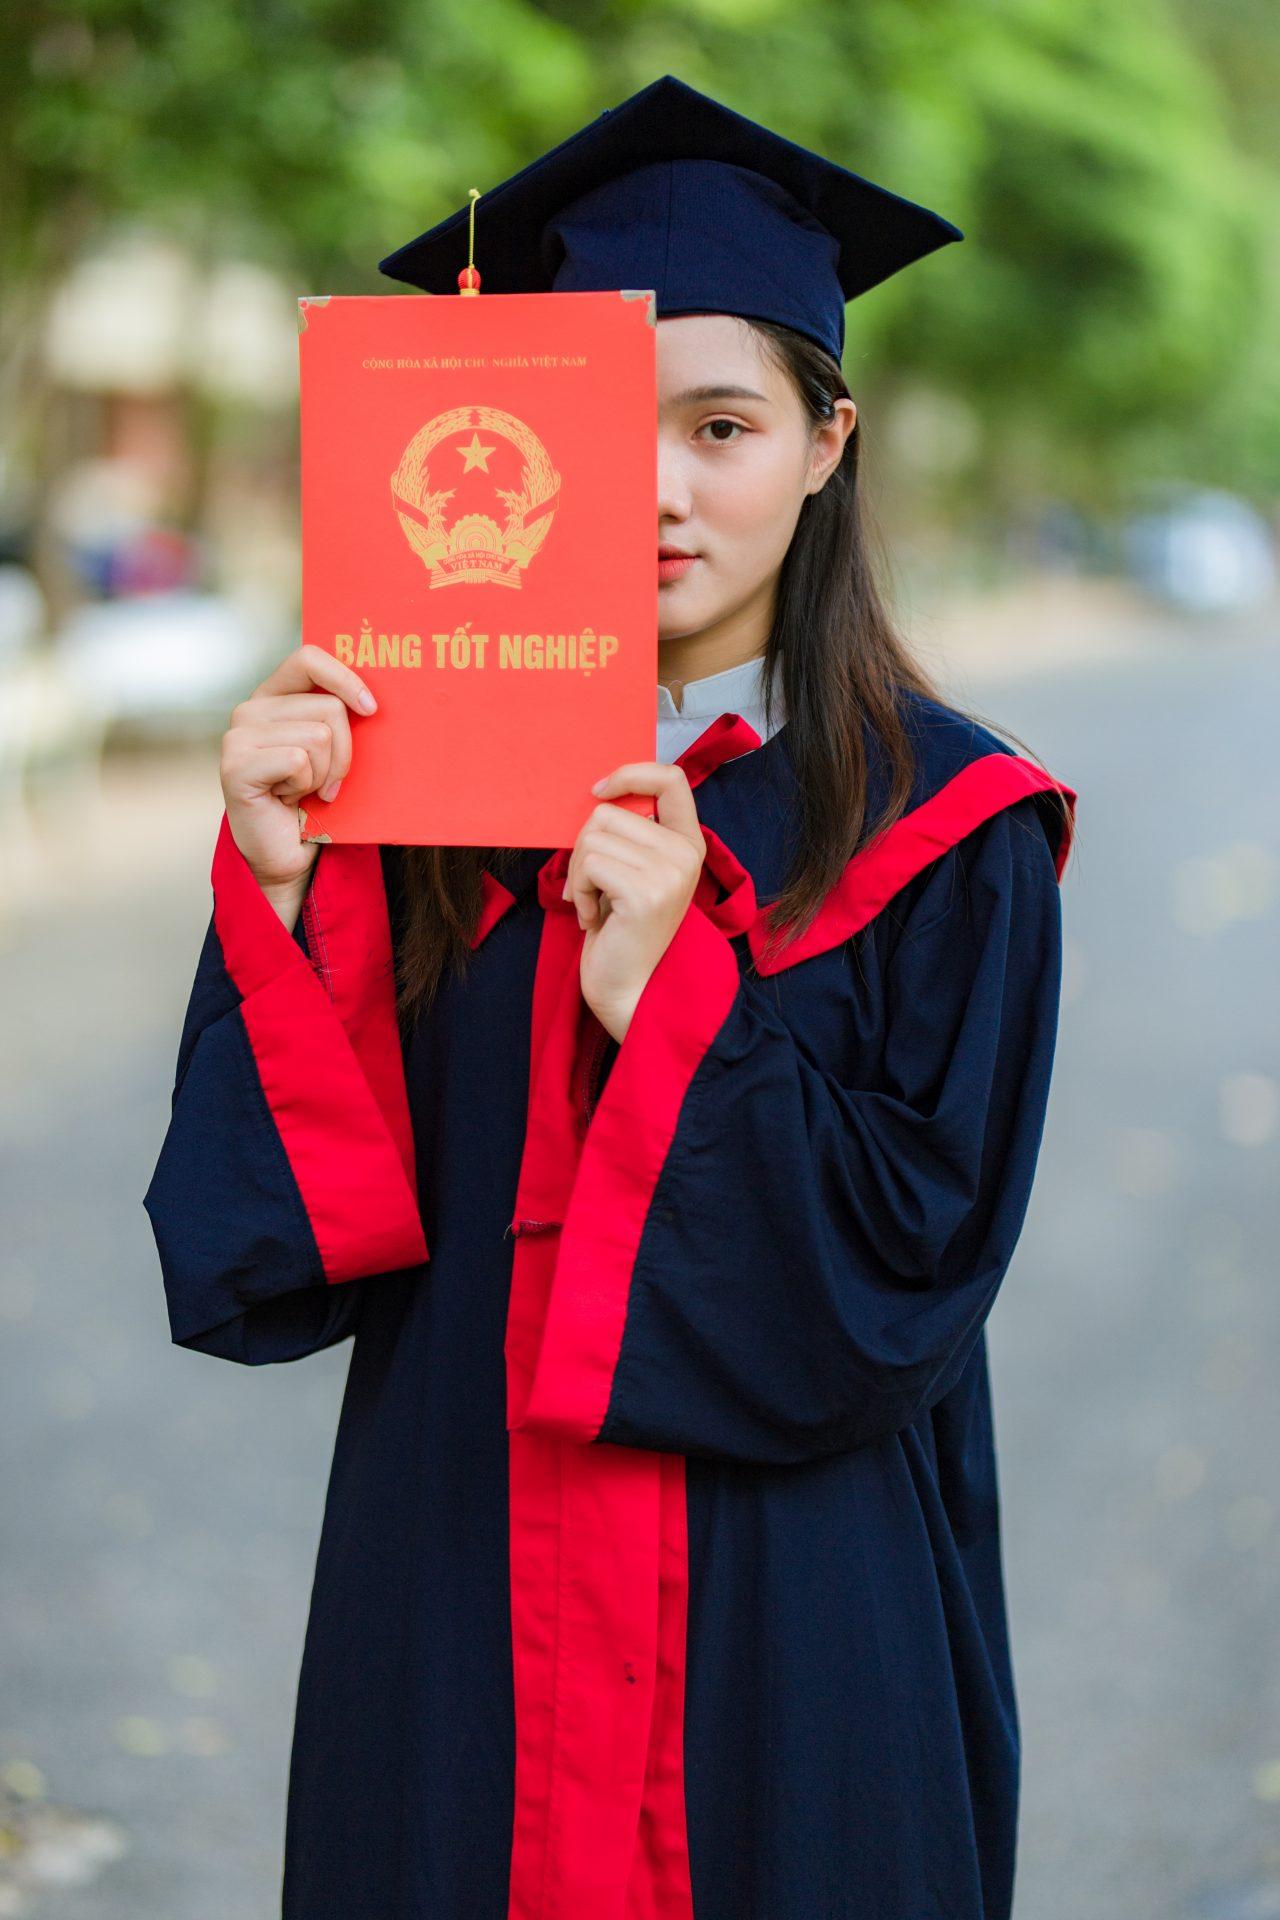 giá chụp ảnh tốt nghiệp